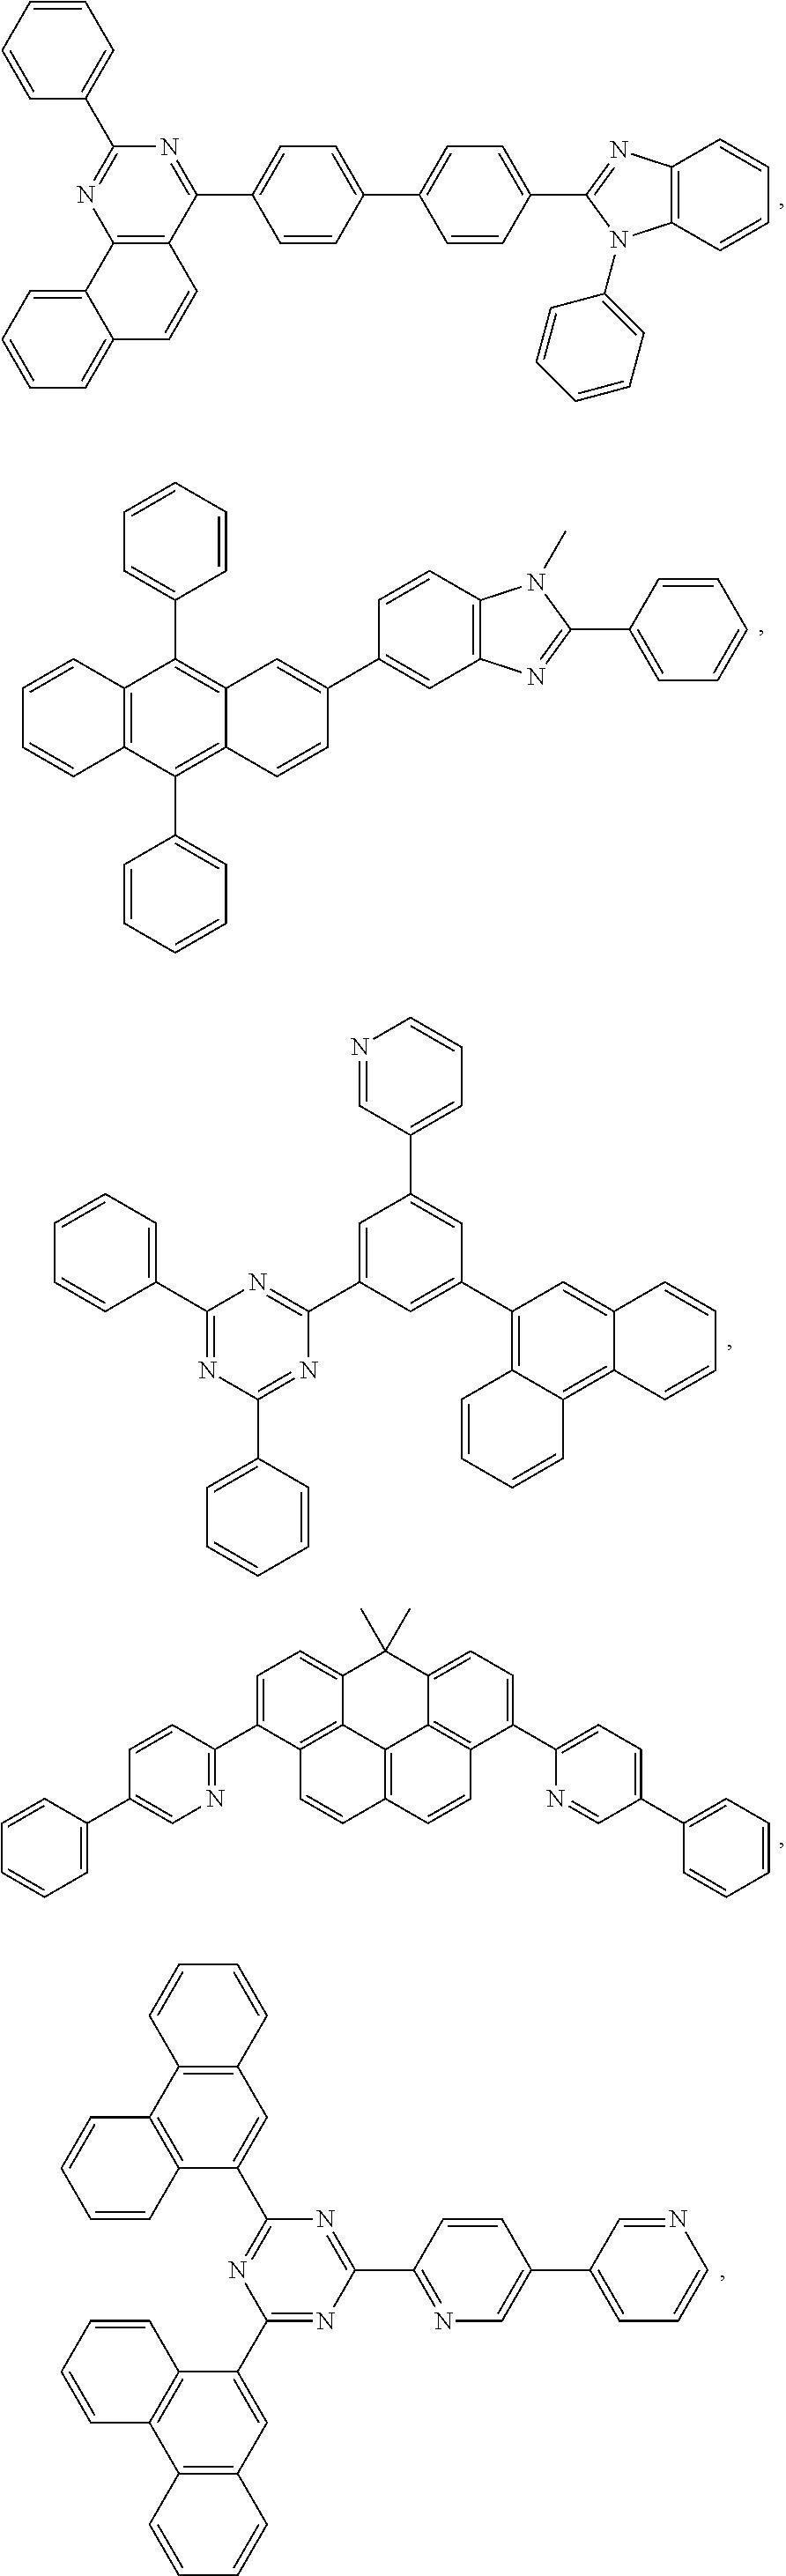 Figure US20180076393A1-20180315-C00123